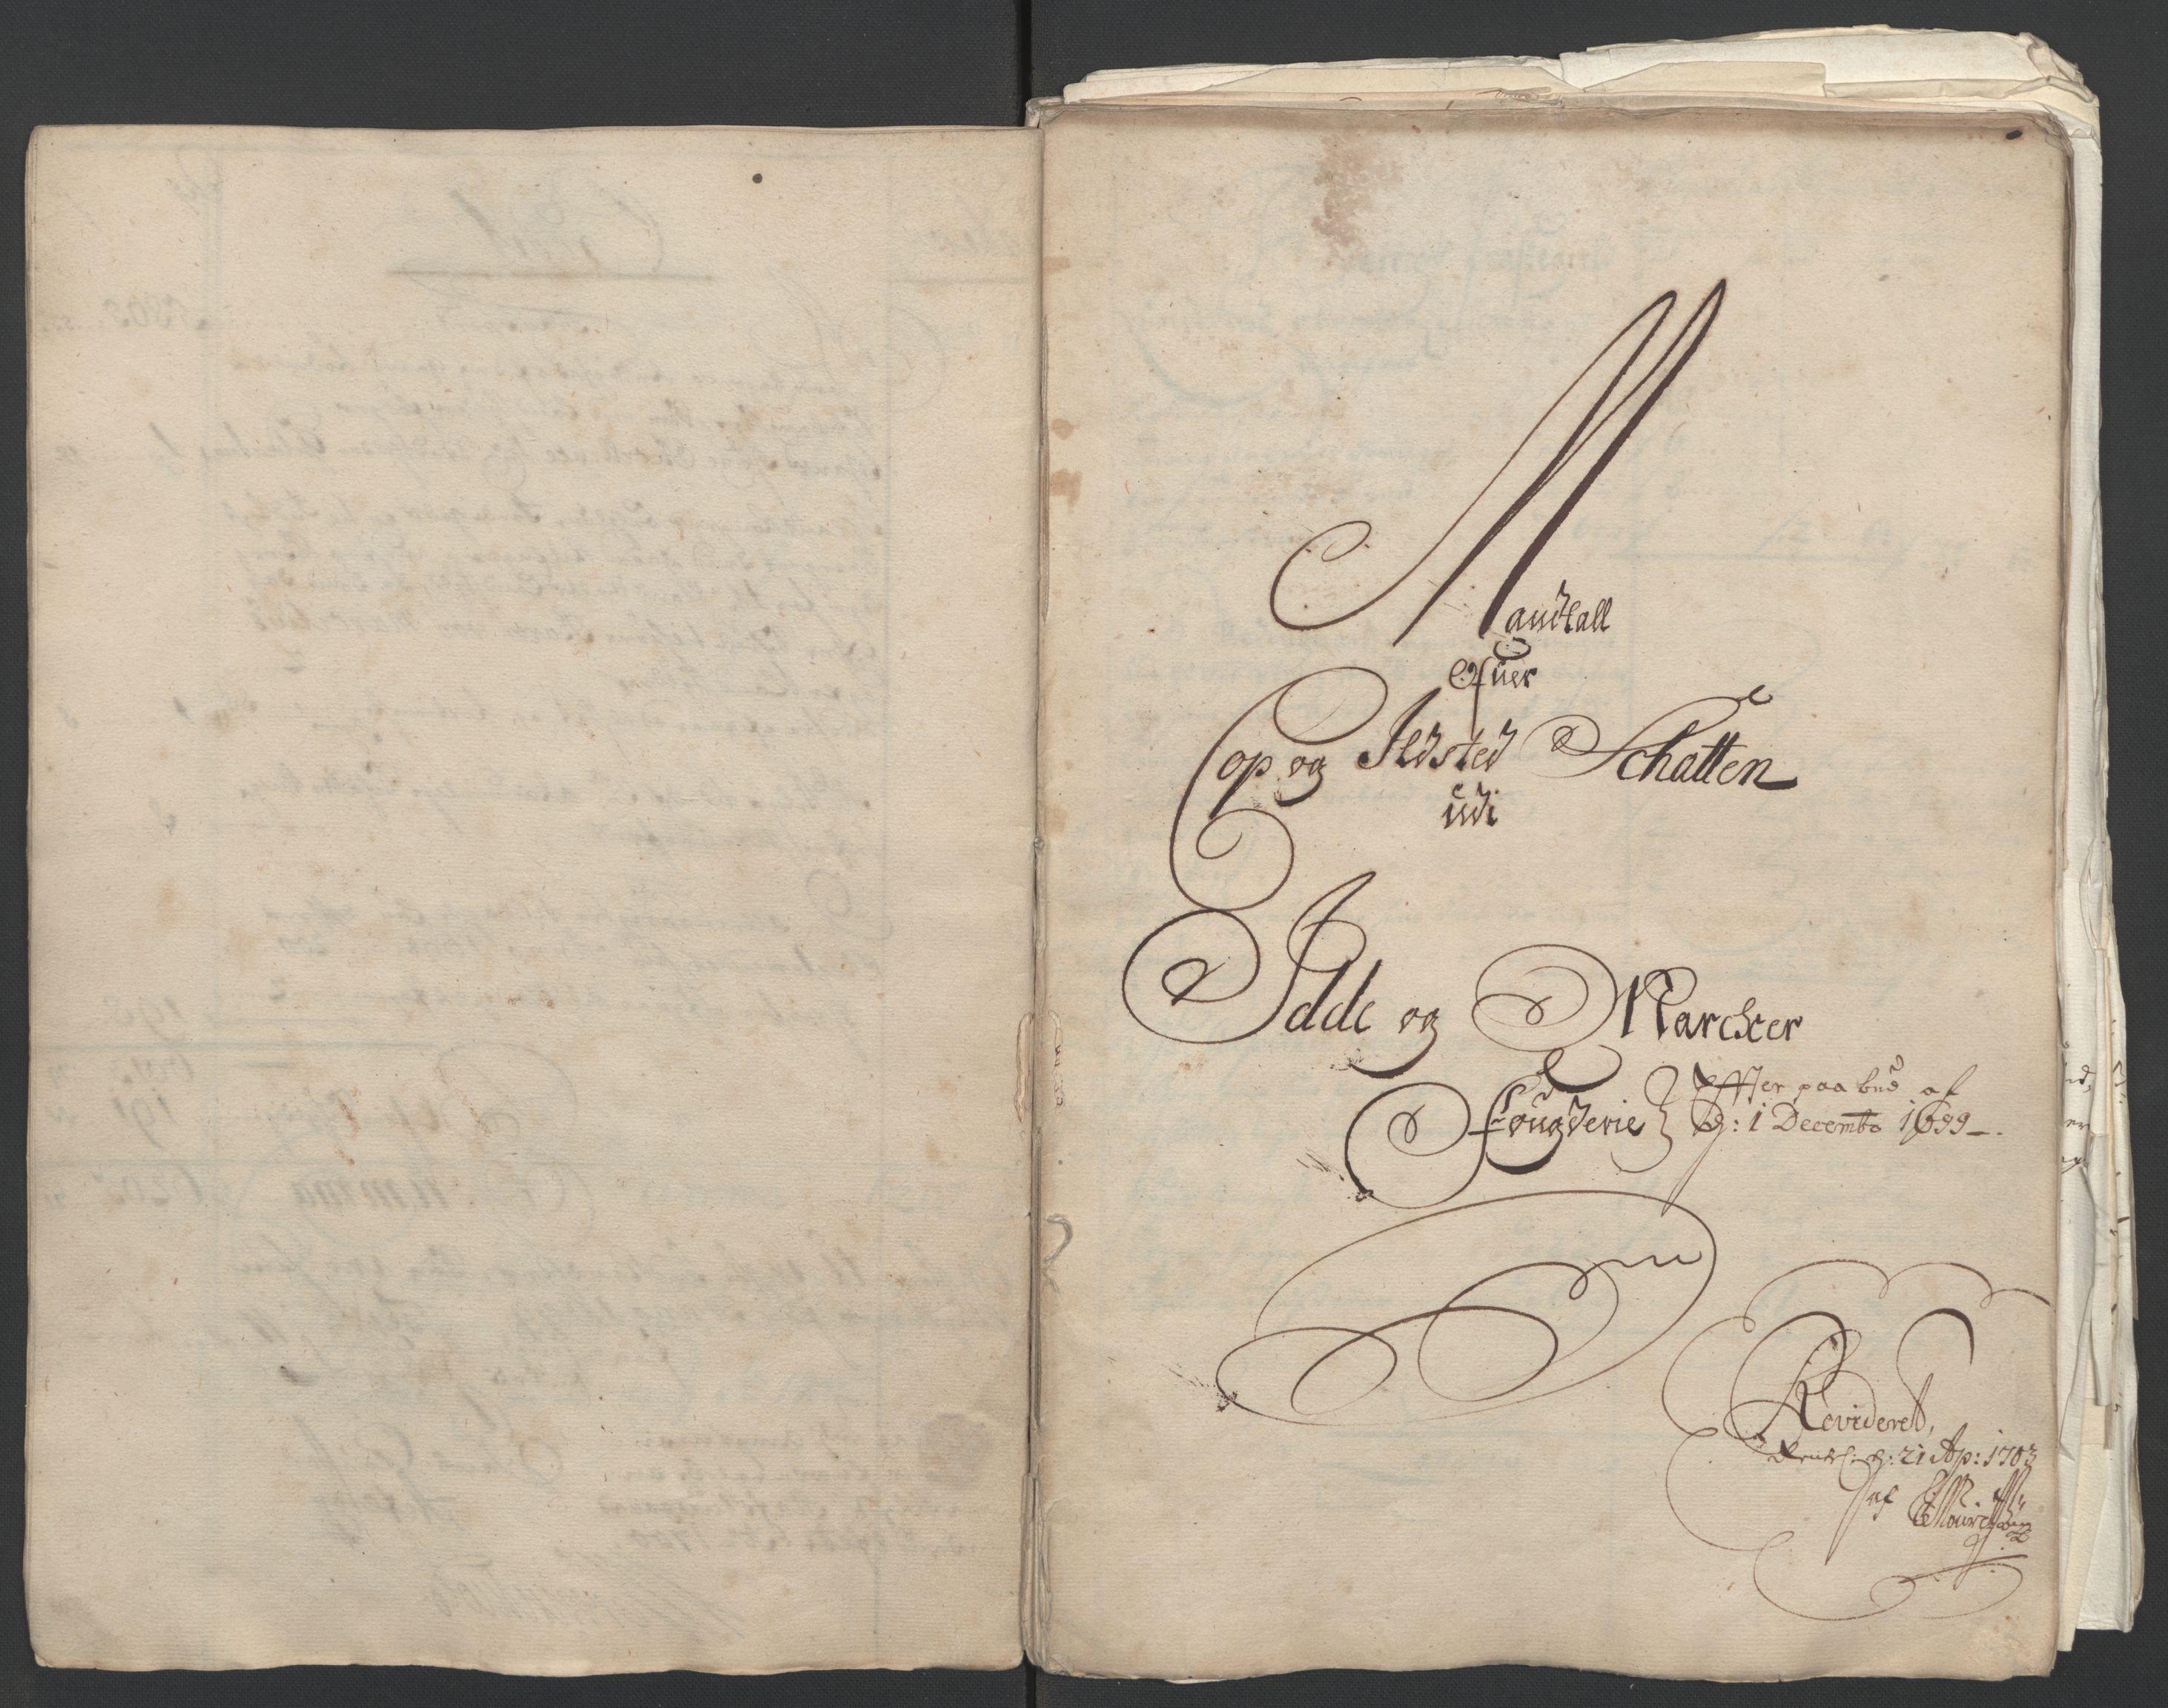 RA, Rentekammeret inntil 1814, Reviderte regnskaper, Fogderegnskap, R01/L0014: Fogderegnskap Idd og Marker, 1699, s. 11